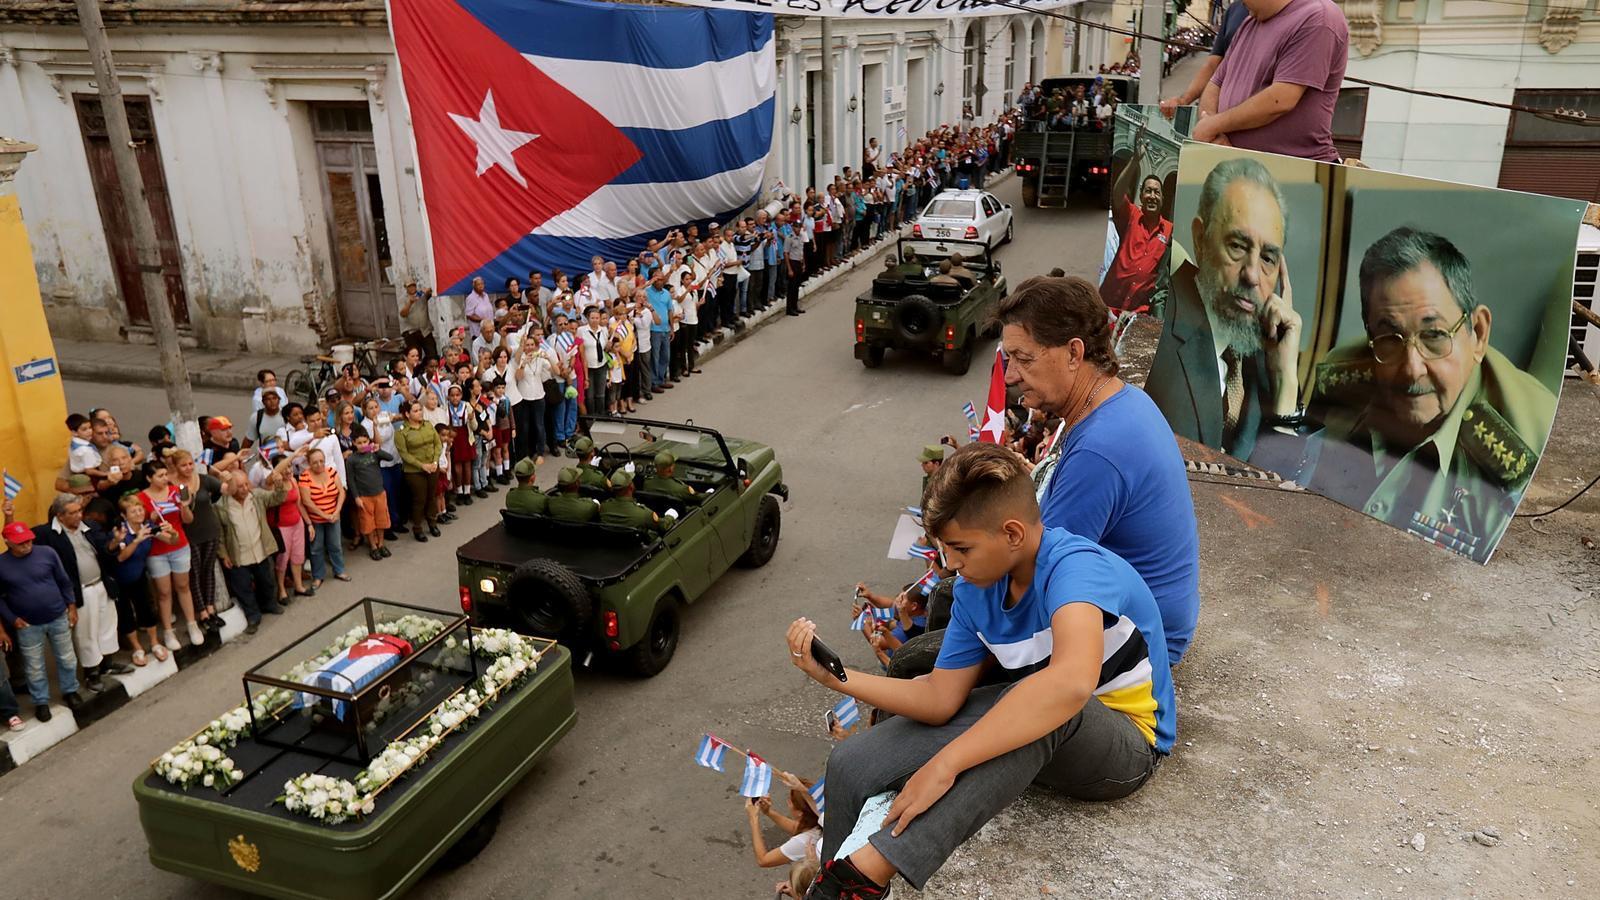 La comitiva amb les cendres de Fidel Castro recorren la població de Santa Clara